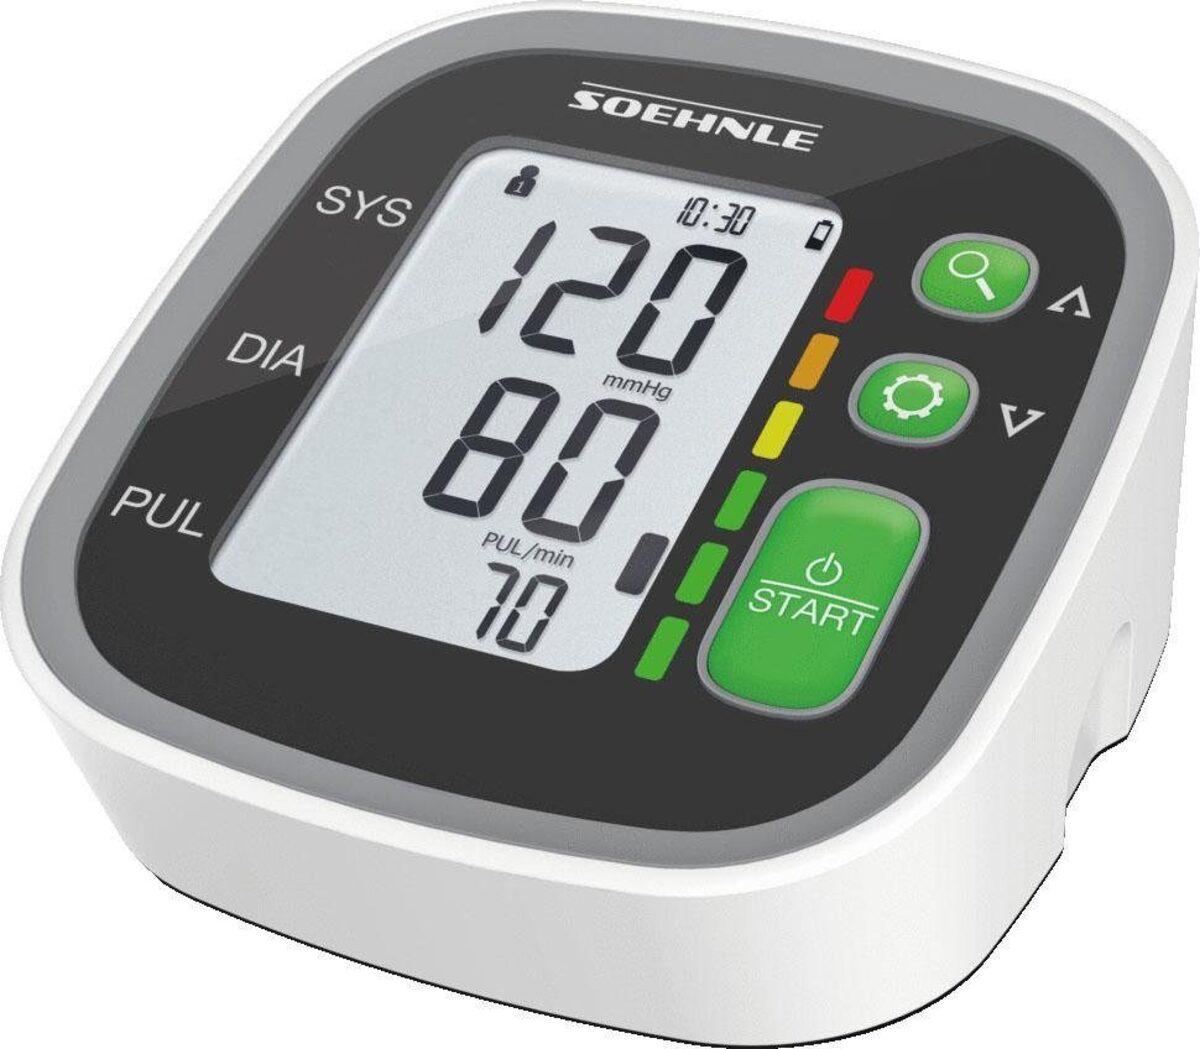 Bild 1 von Soehnle Oberarm-Blutdruckmessgerät Systo Monitor 300, integrierter Bewegungssensor für korrekte Messergebnisse